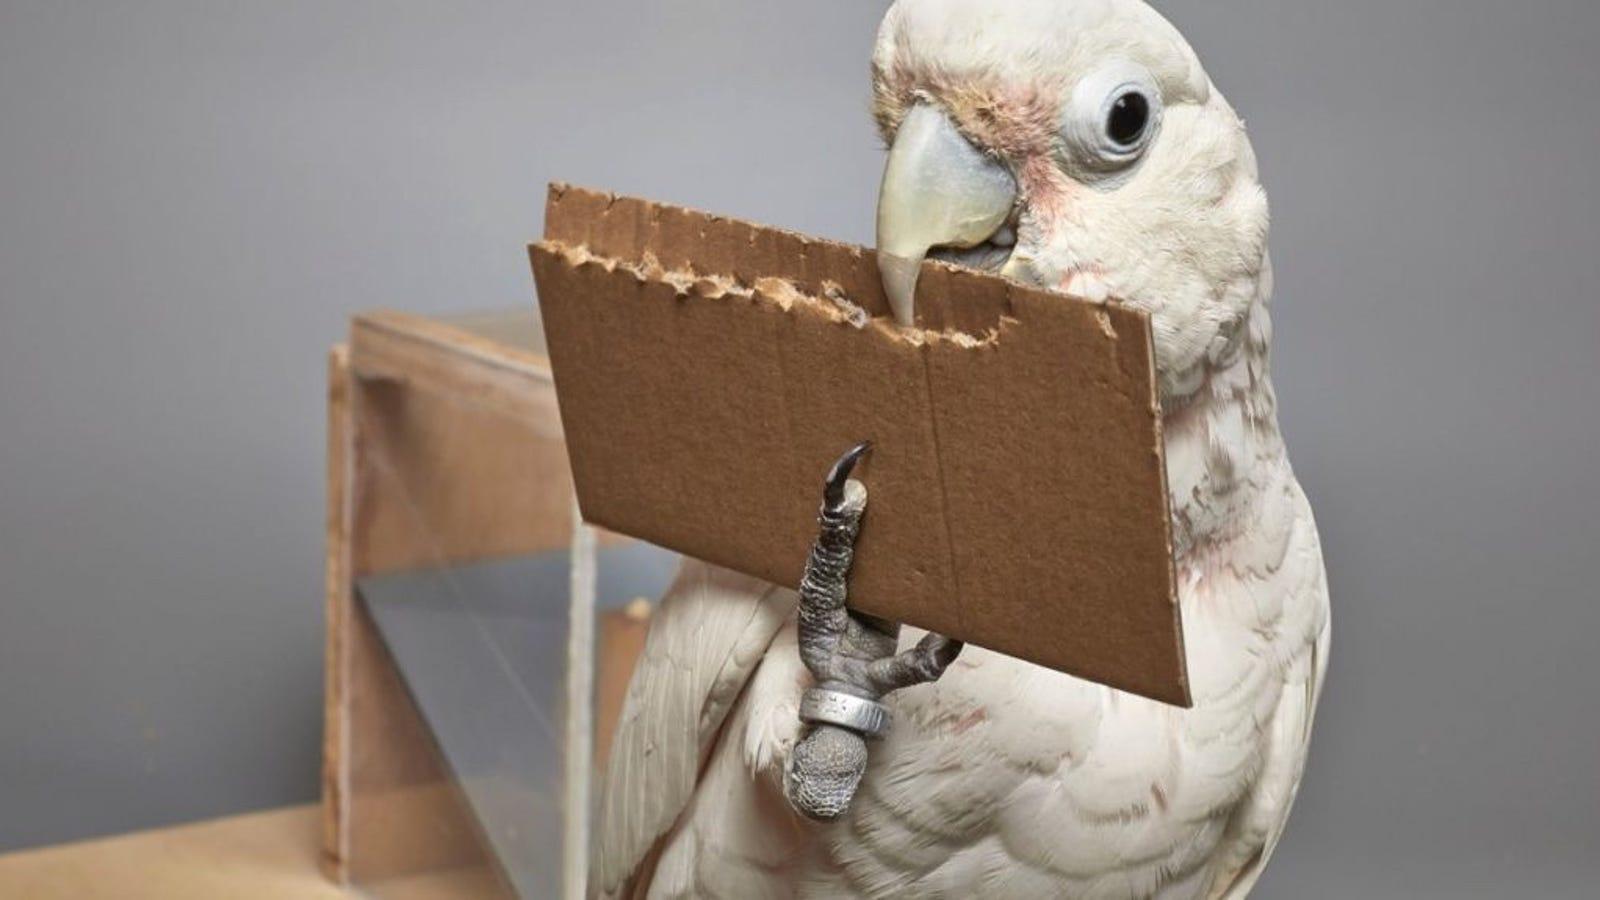 Los científicos están fascinados con esta cacatúa que fabrica herramientas de distintos materiales